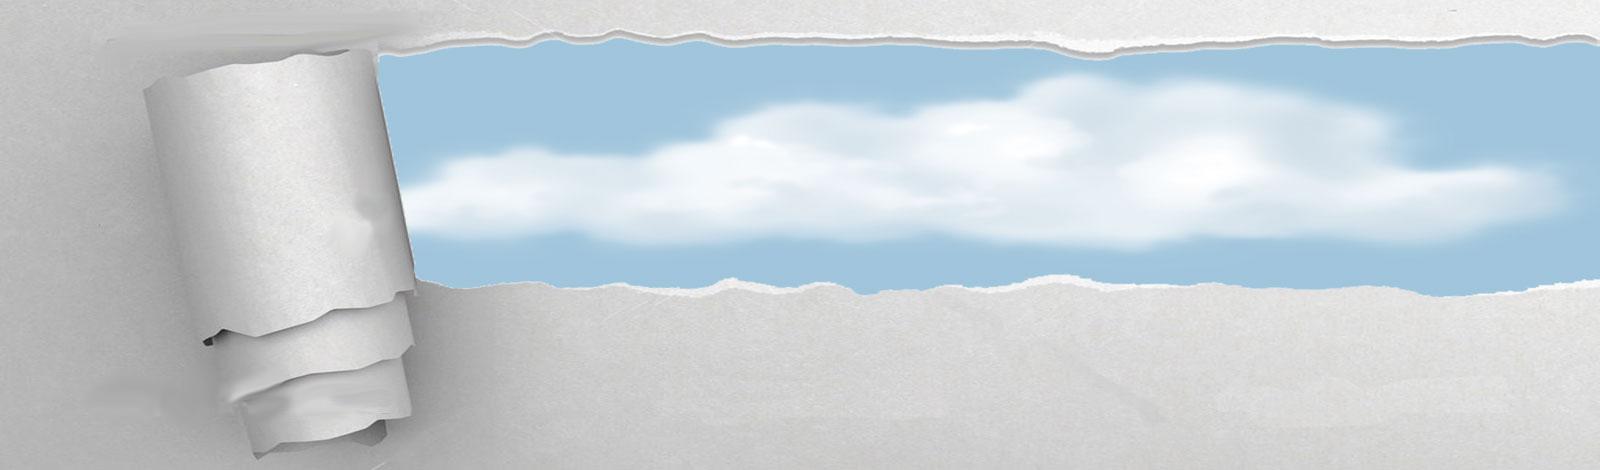 Torn-paper-1600×470-2a